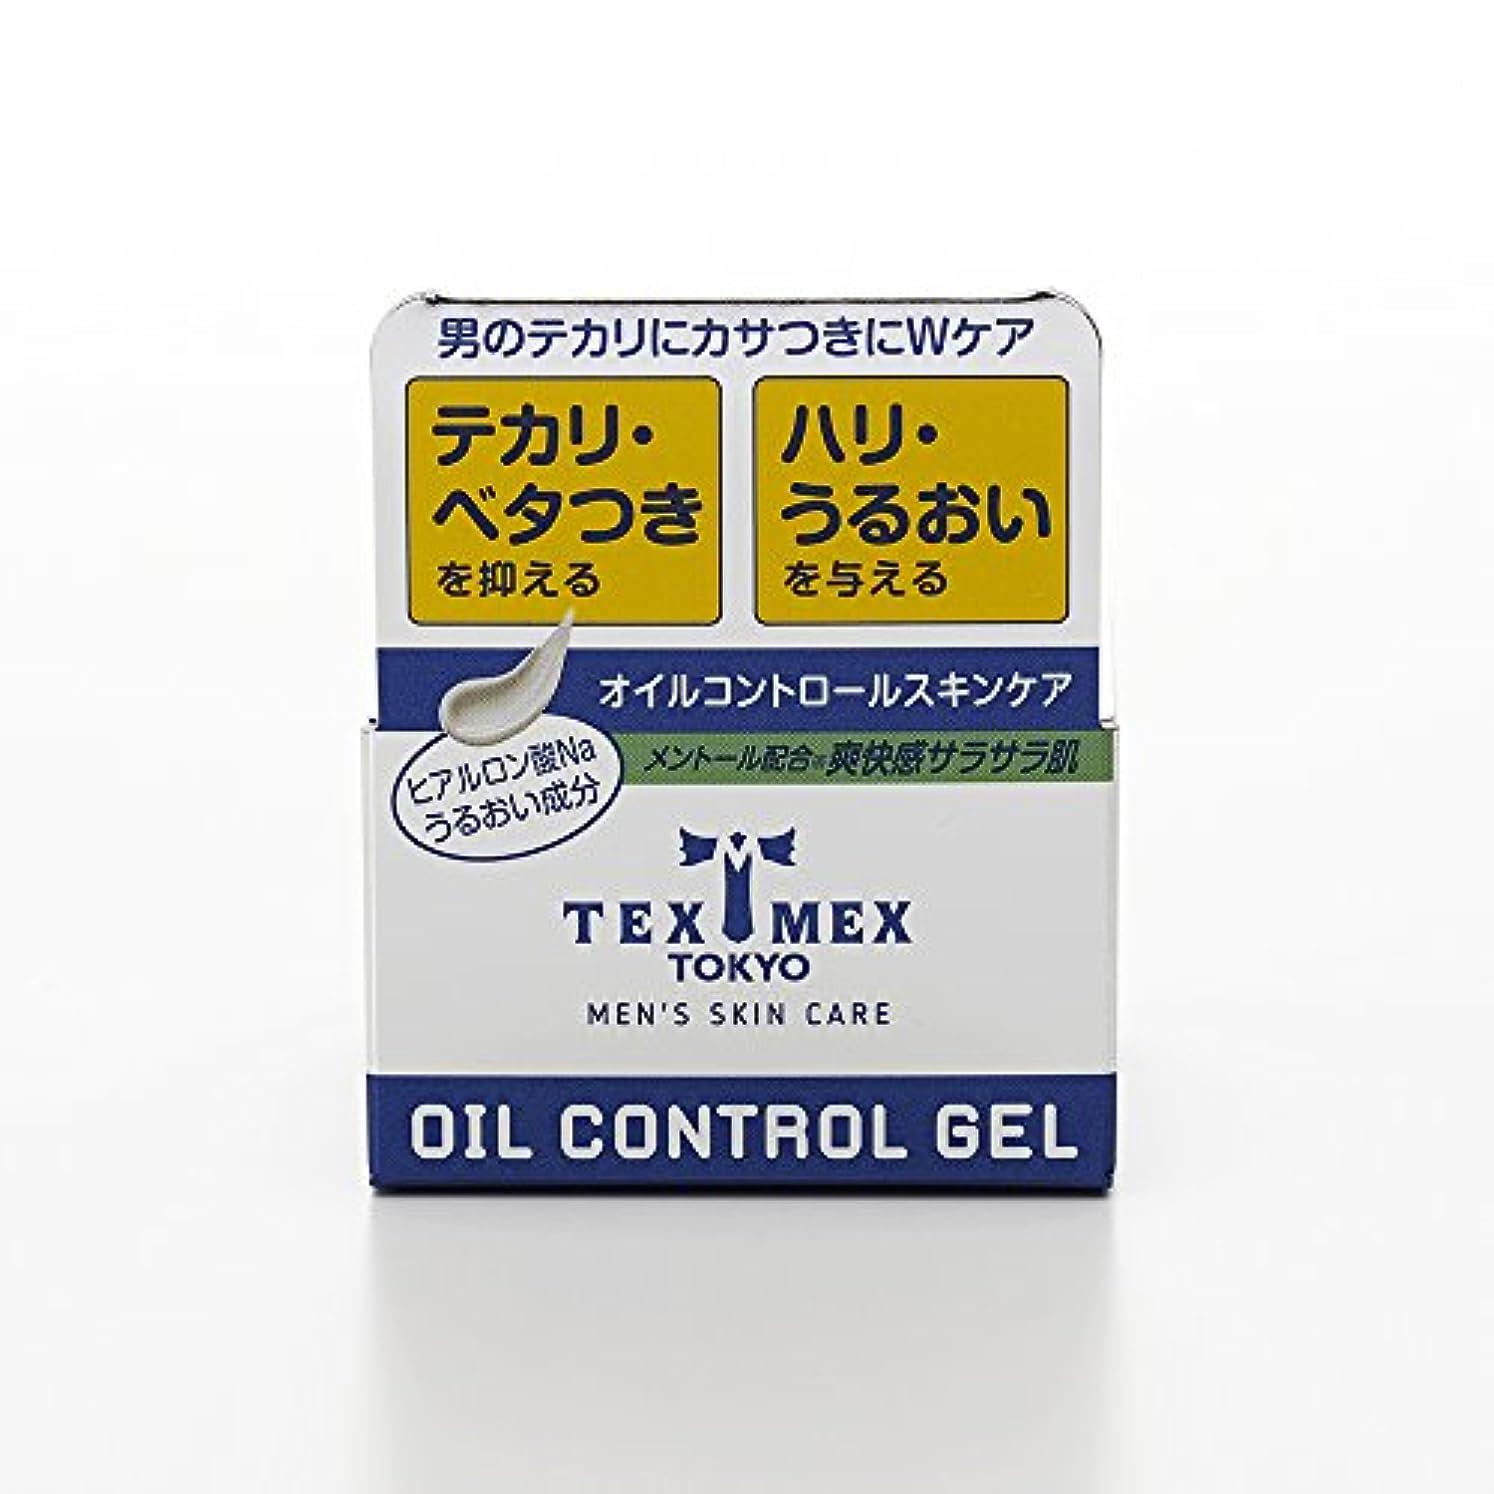 前電気陽性湖テックスメックス オイルコントロールジェル 24g (テカリ防止ジェル) 【塗るだけでサラサラ肌に】